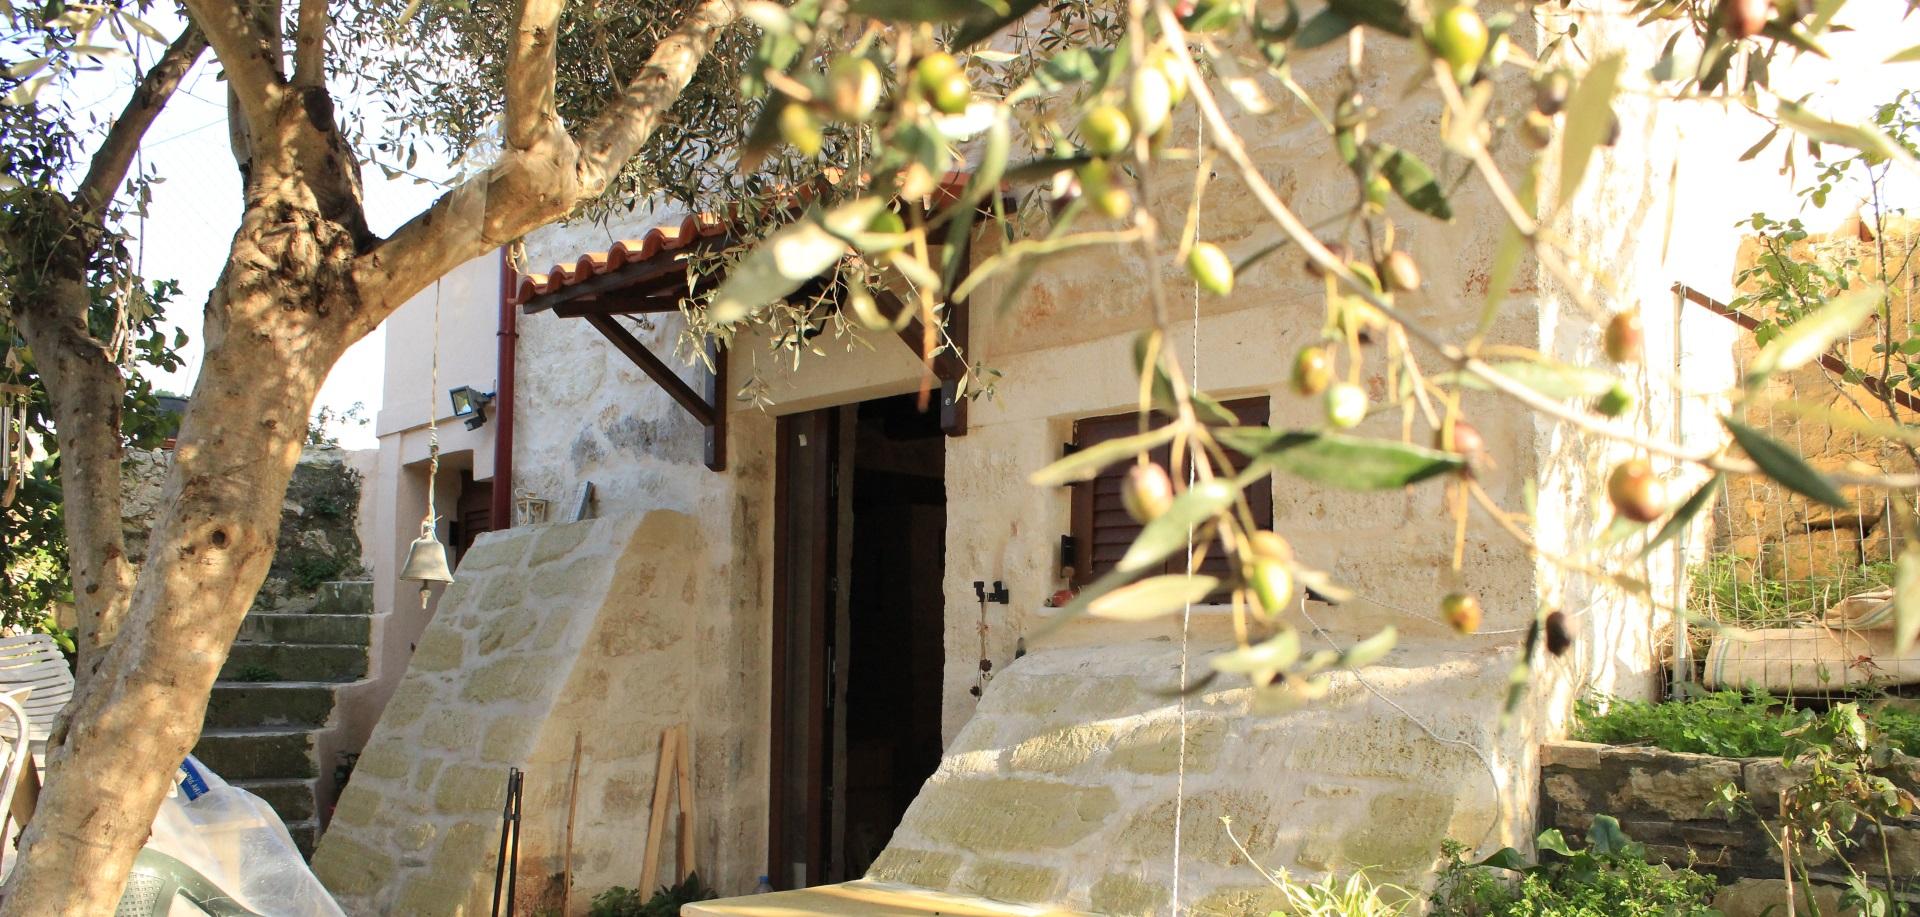 Ανακαίνιση παλαιάς Πέτρινης Διώροφης Κατοικίας